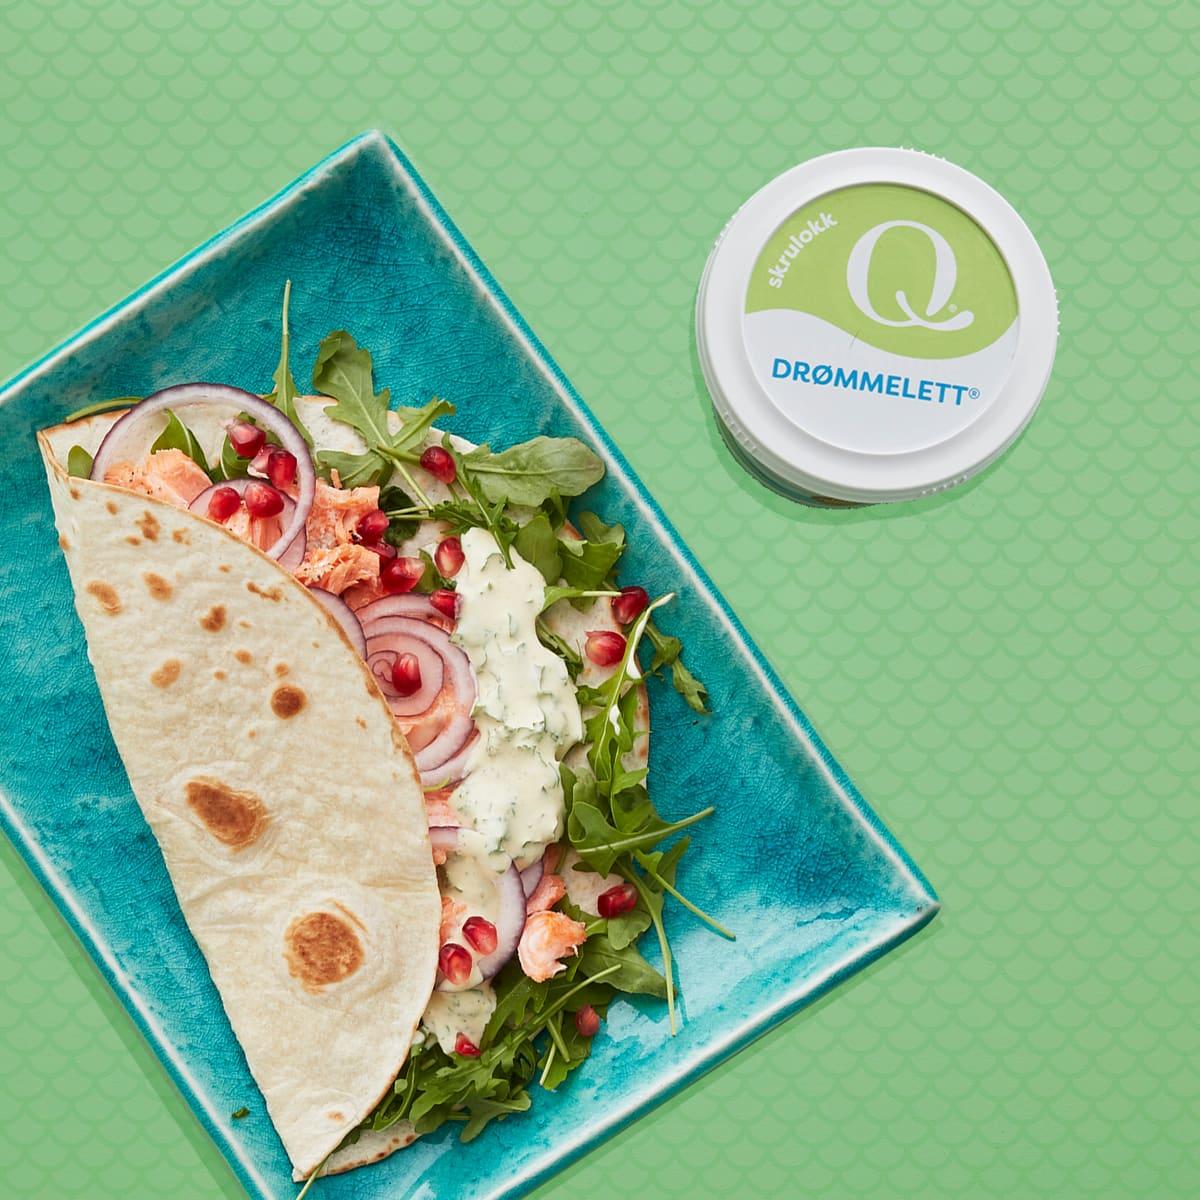 Q Drømmelett ® er laget av lettmelk og inneholder derfor kun 5 prosent fett. Bruk den til middagen så får du i deg både jod, kalsium og proteiner.